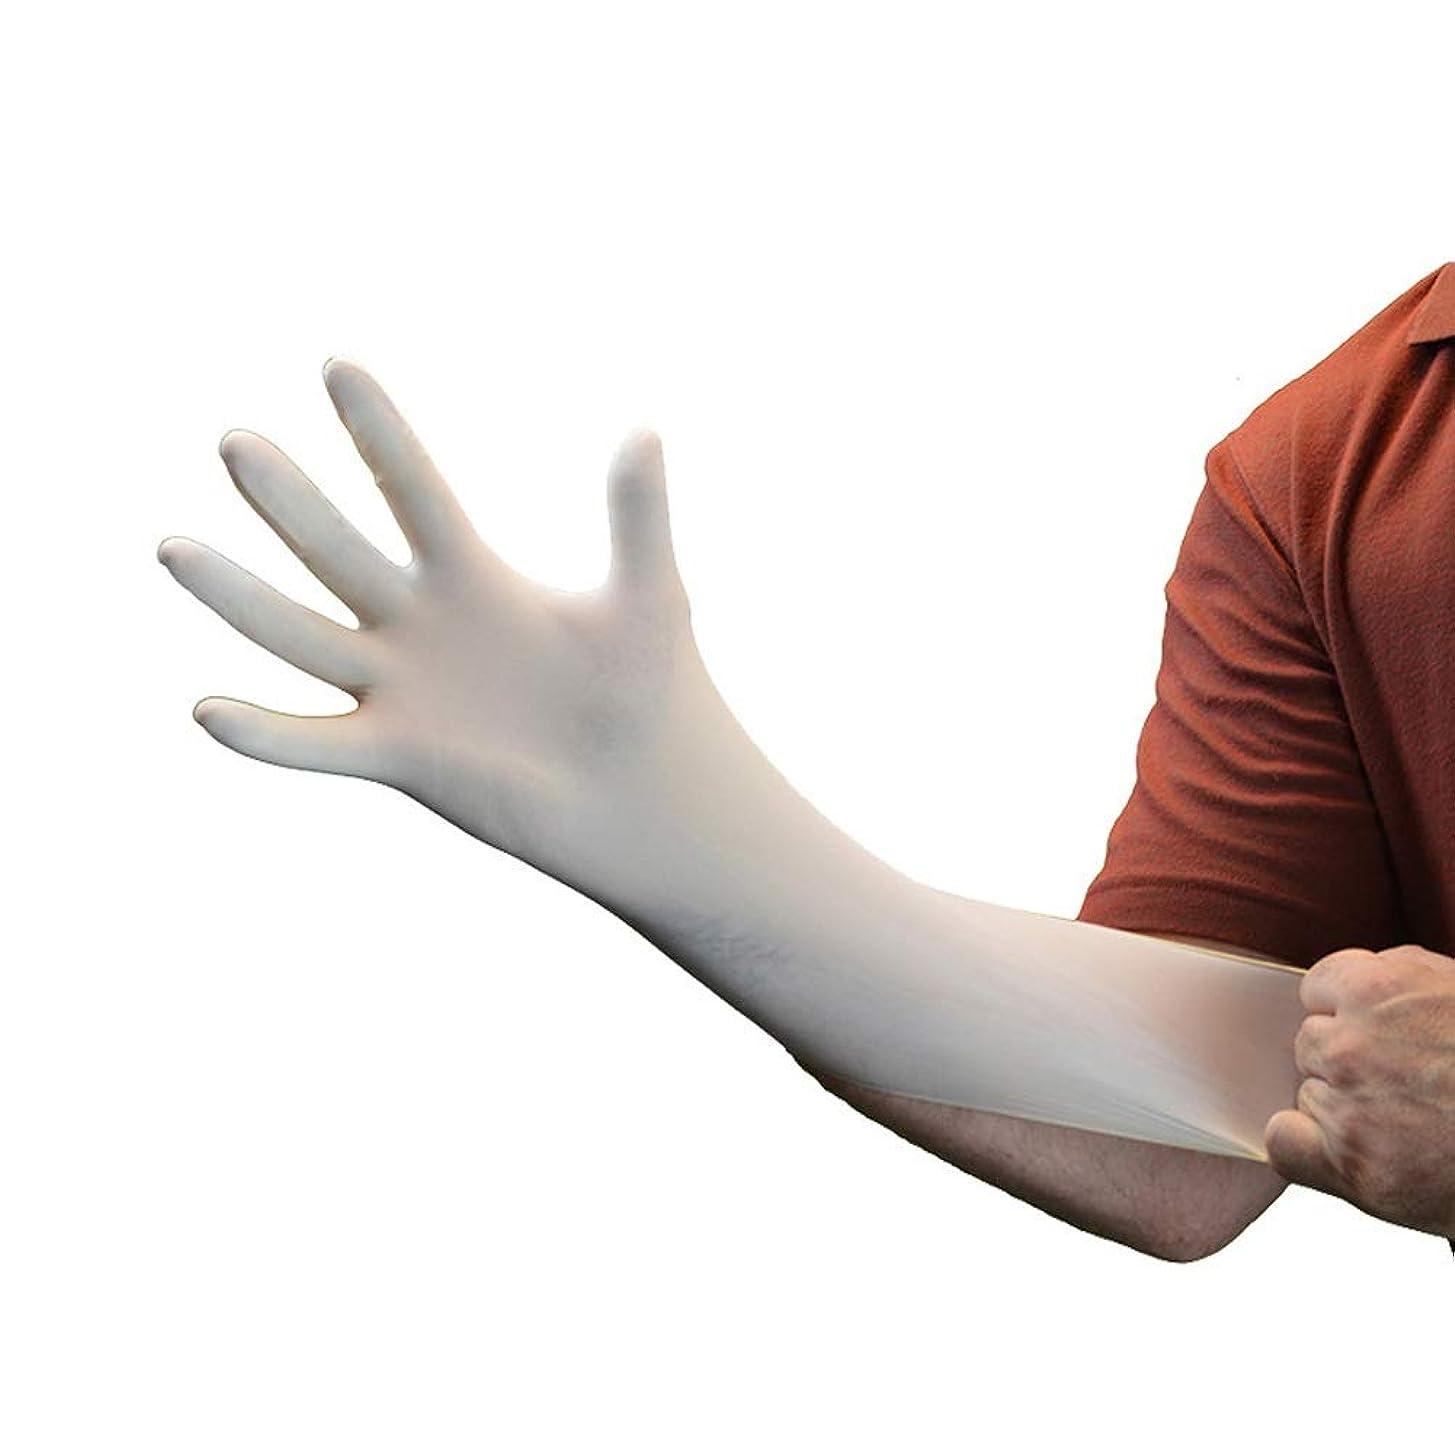 矩形振るうくぼみ使い捨てラテックス手袋 - パウダーフリーの歯科技工所労働保護製品をマッサージ YANW (Color : White, Size : XS)